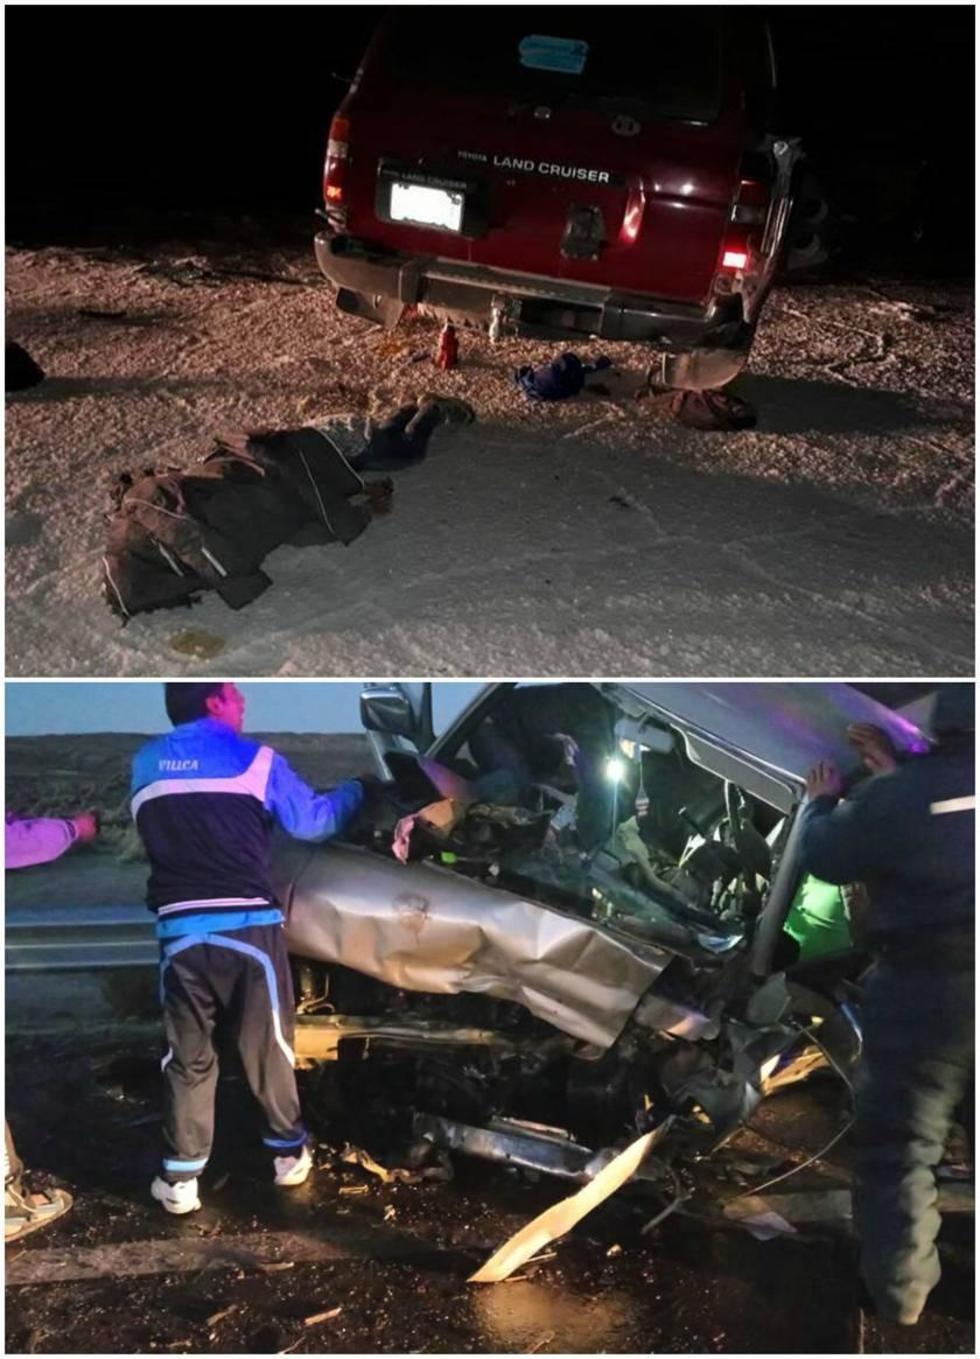 Arriba: el accidente en el salar. Abajo: la colisión de los vehículos.